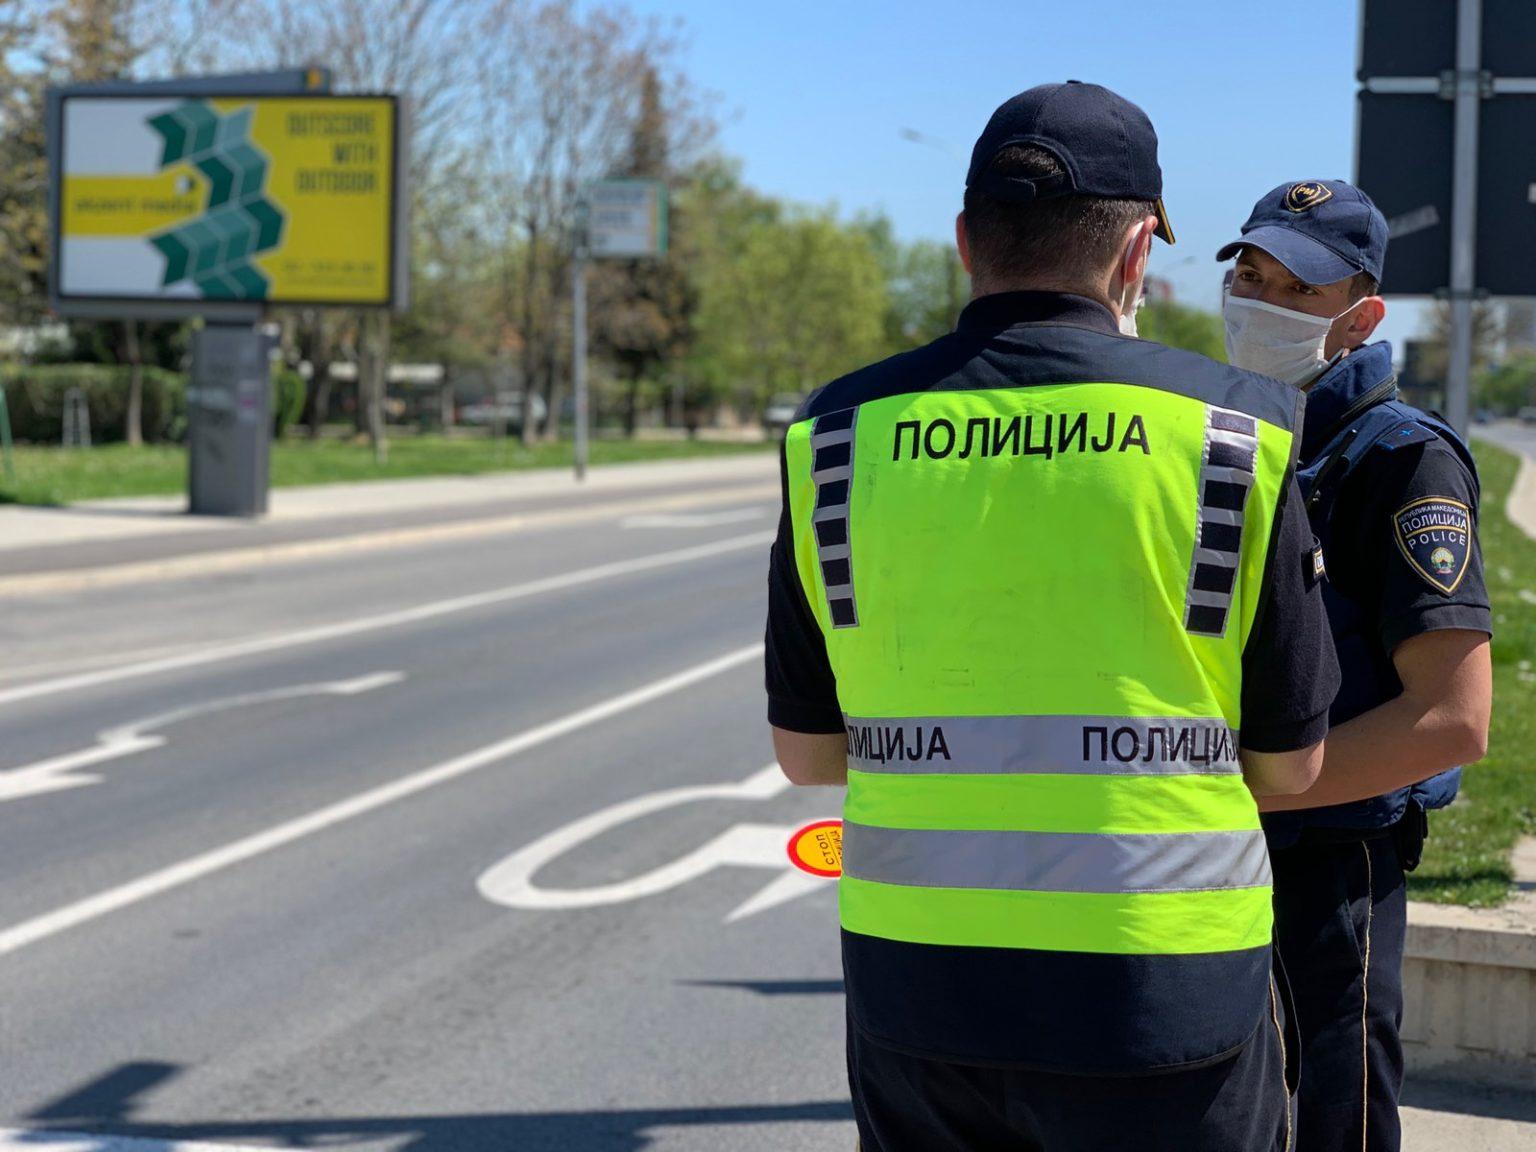 Ora policore dhe masat tjera kufizuese vazhdohen edhe për 7 ditë